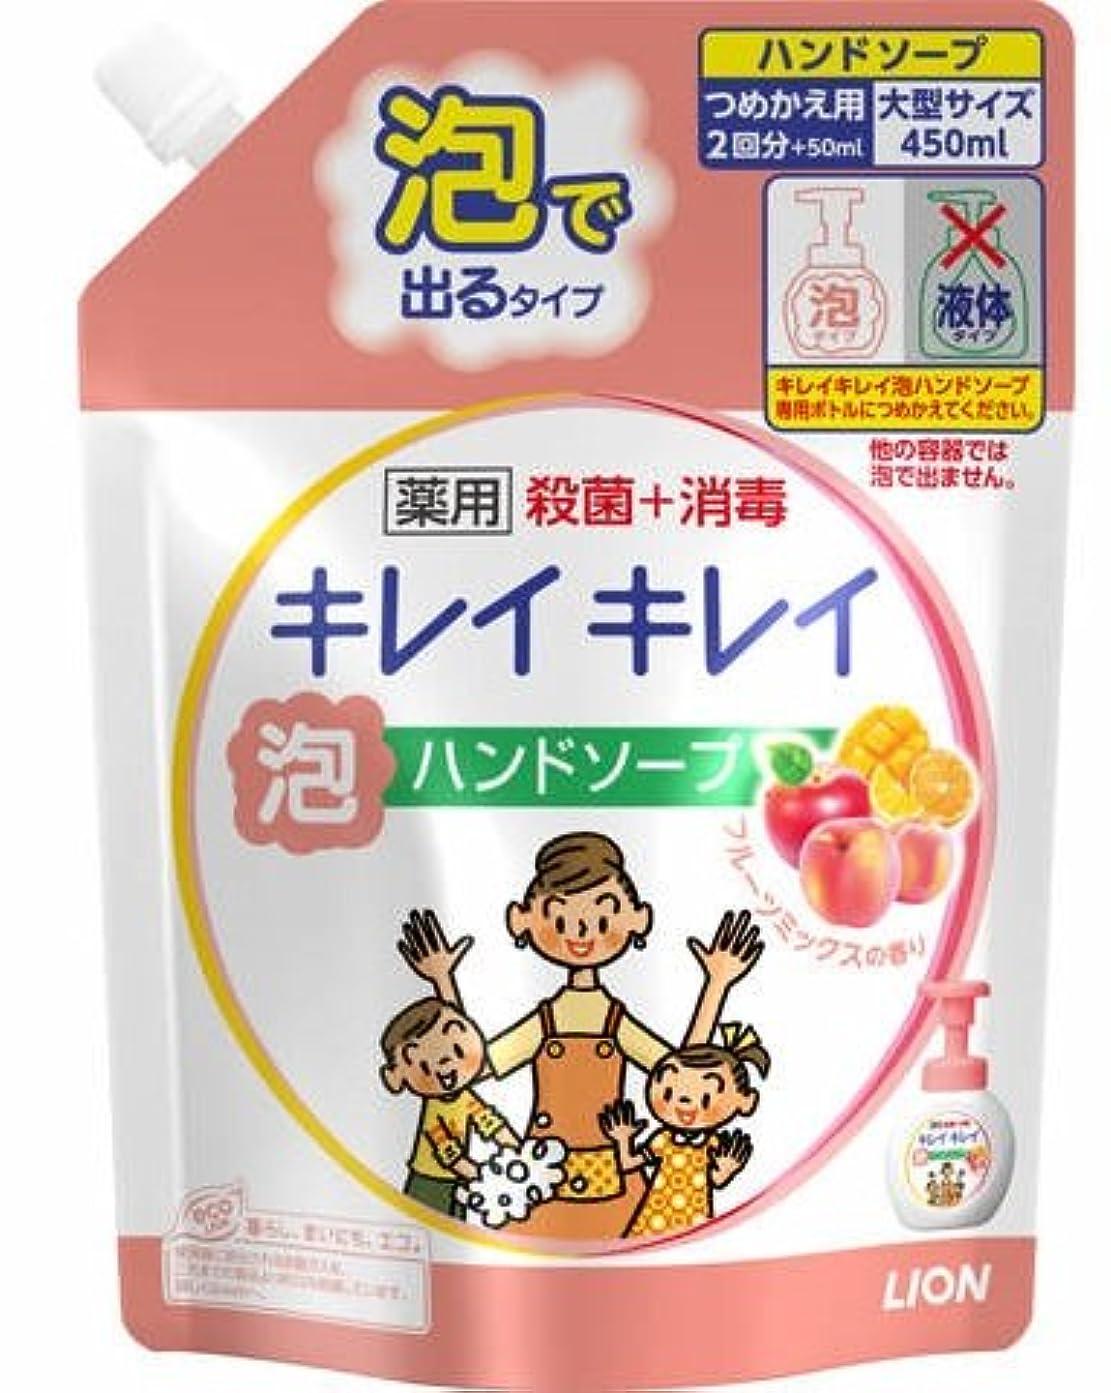 ぐったり石膏蒸発キレイキレイ薬用泡HSフルーツミックス つめかえ用大型サイズ × 16個セット